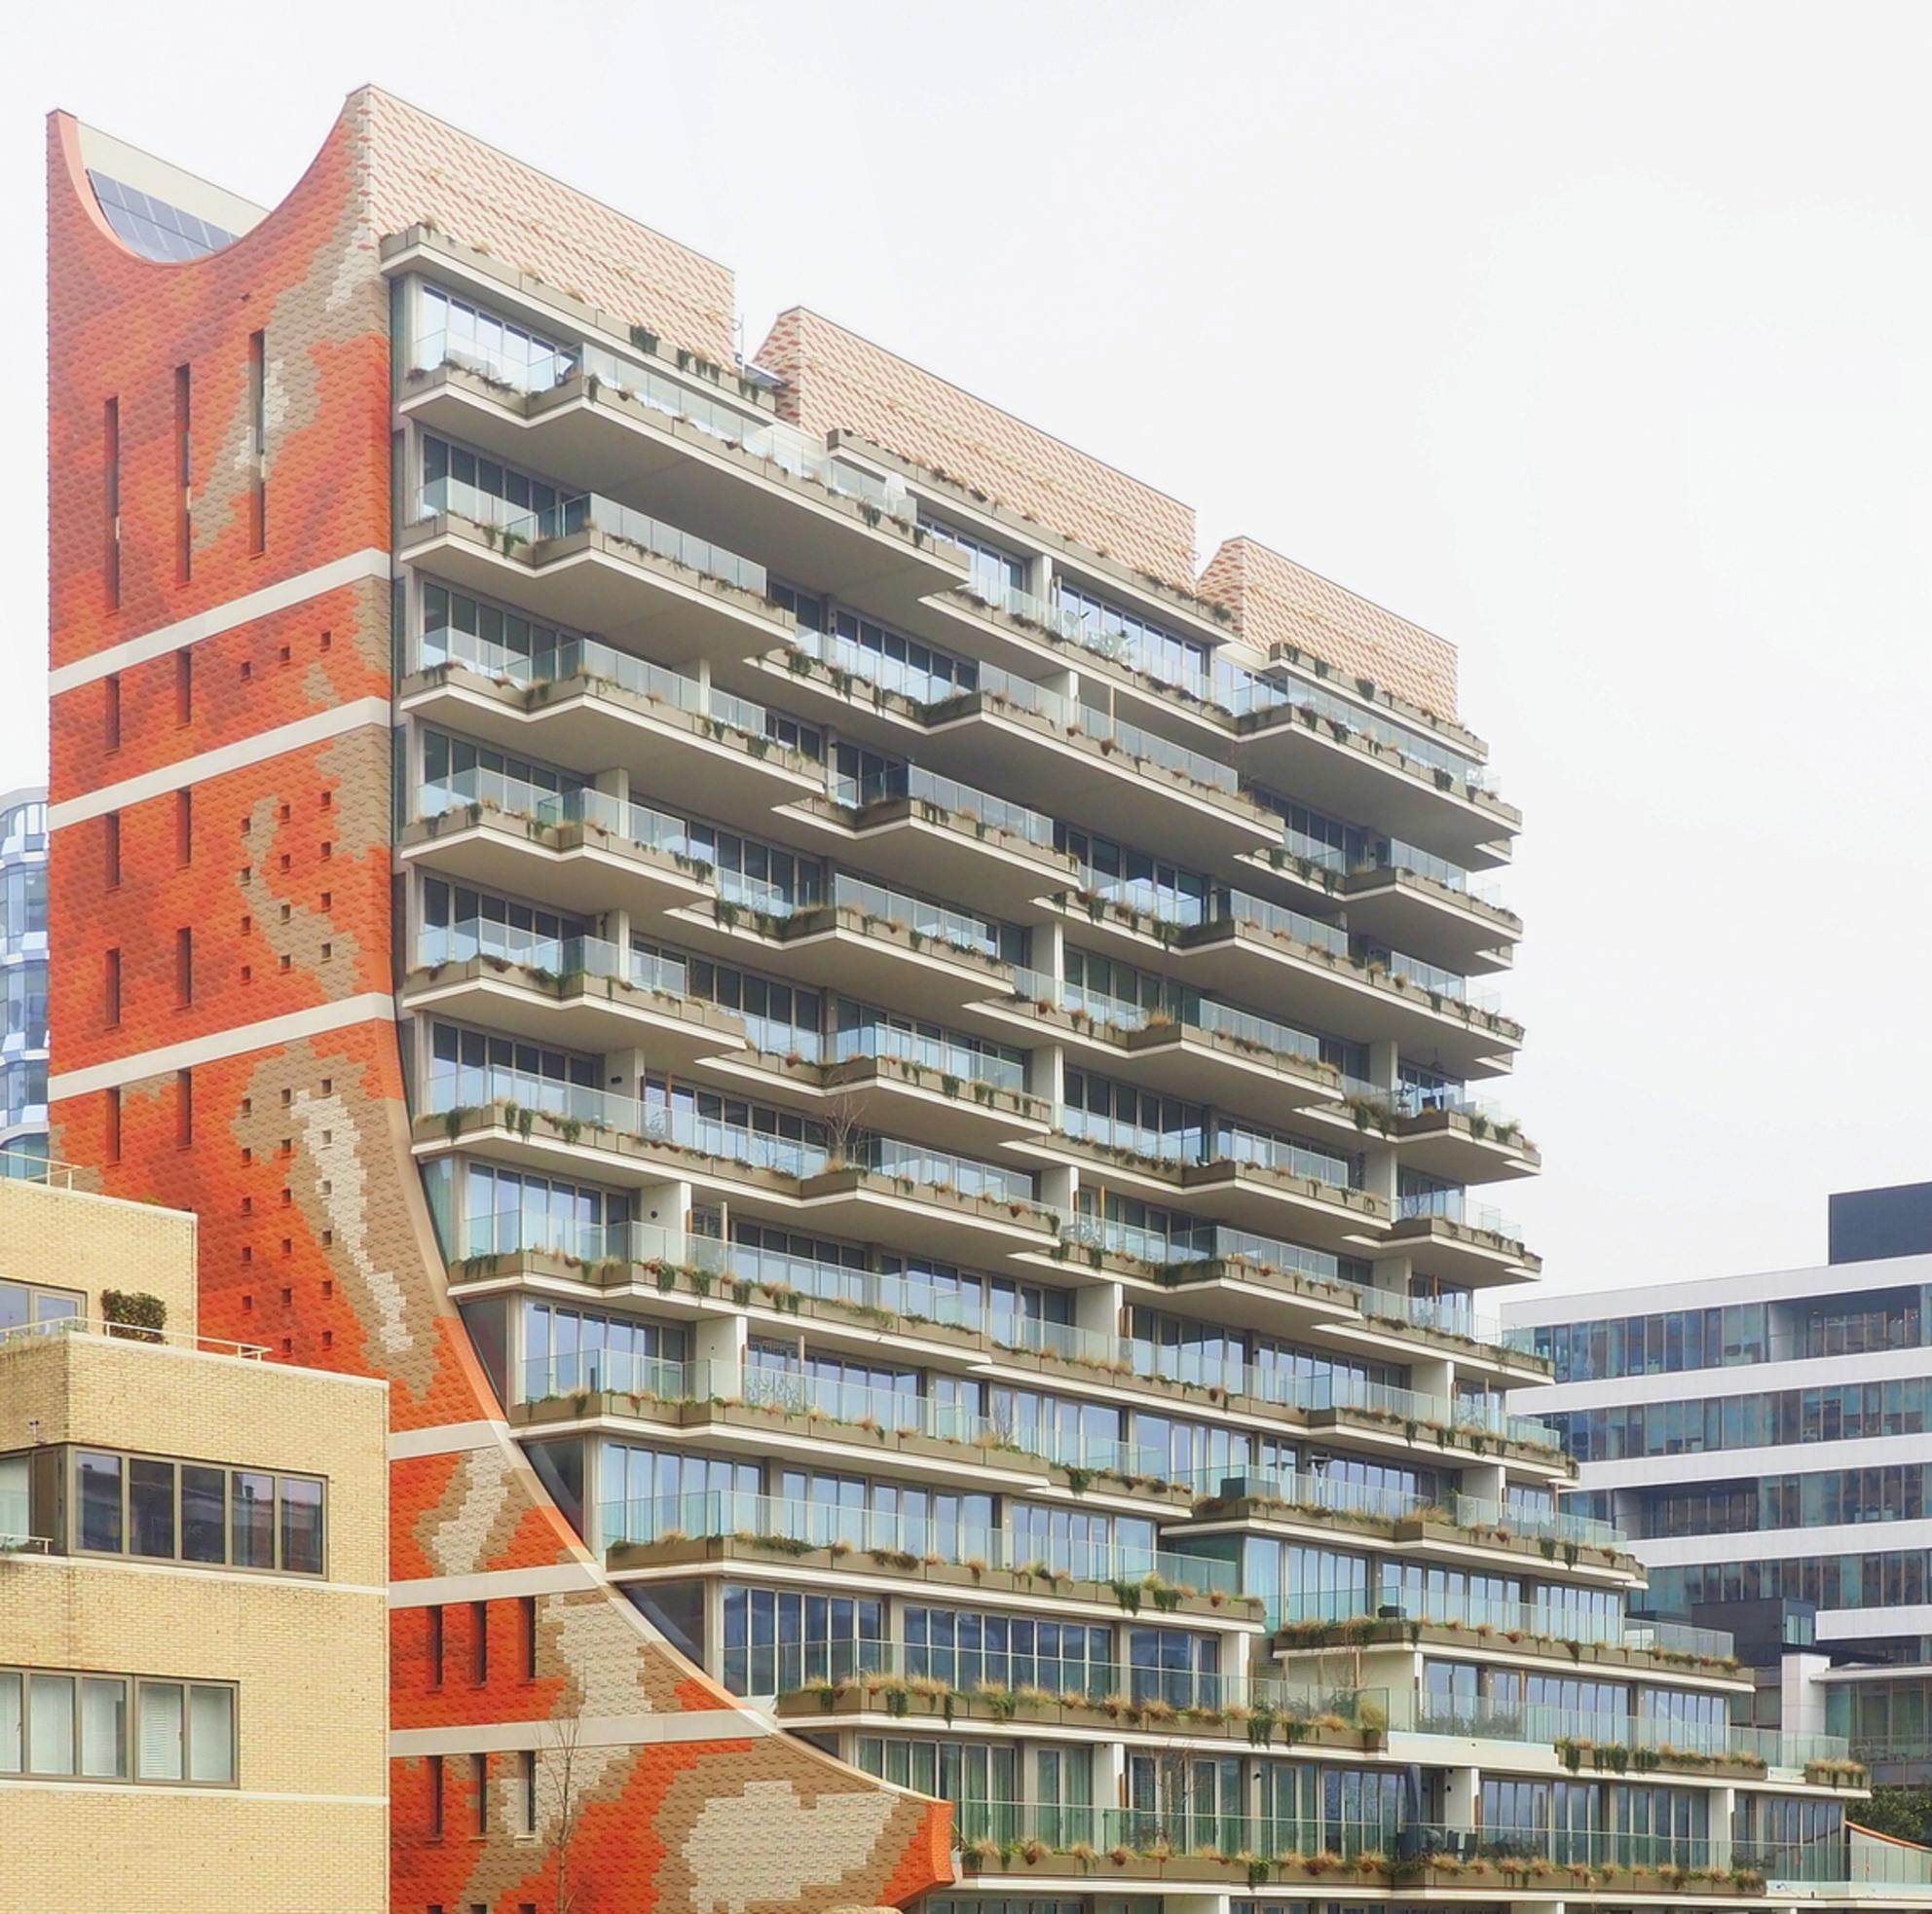 Zuidas 4 - Anders dan Ander - foto door pietsnoeier op 06-03-2021 - deze foto bevat: amsterdam, lijnen, architectuur, gebouw, kunst, zuidas - Deze foto mag gebruikt worden in een Zoom.nl publicatie